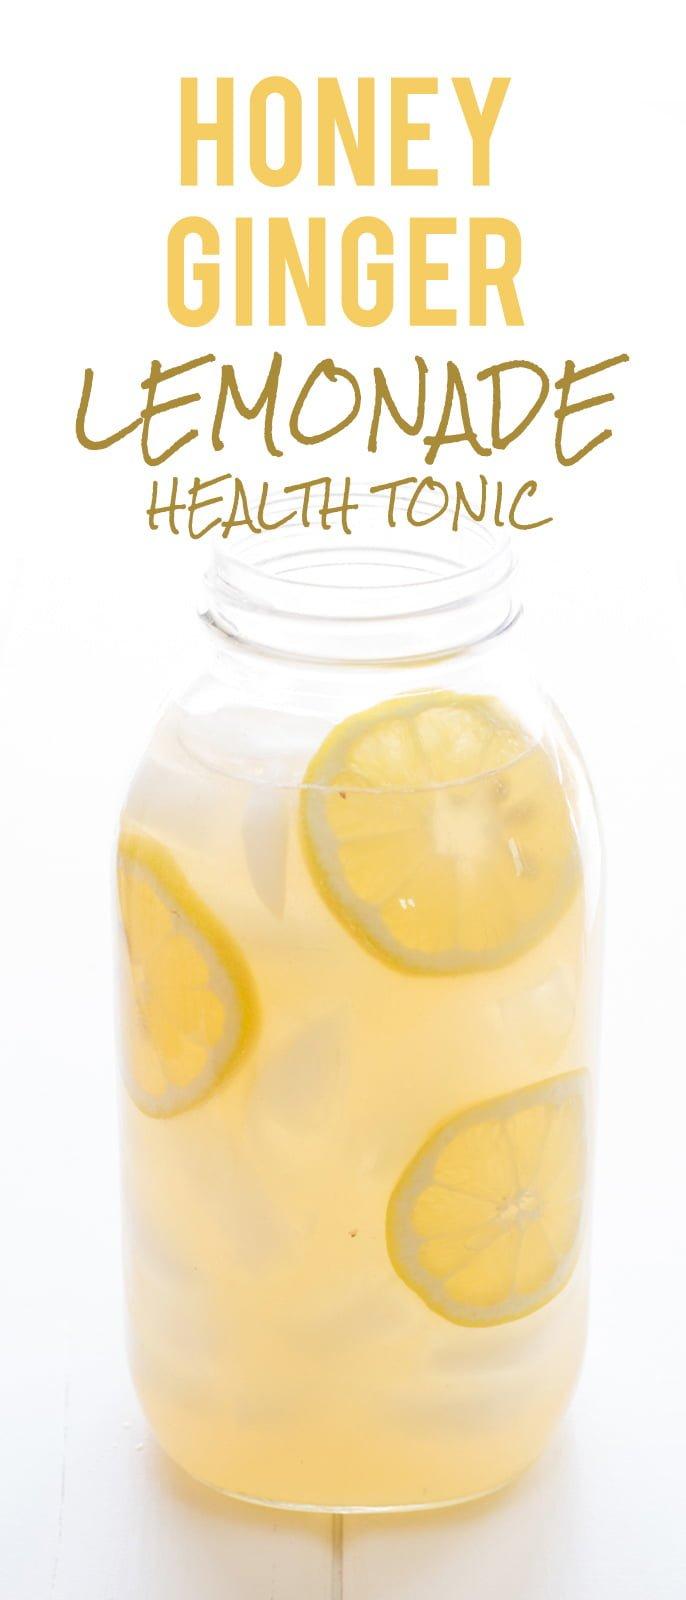 Honey Ginger Lemonade Health Tonic